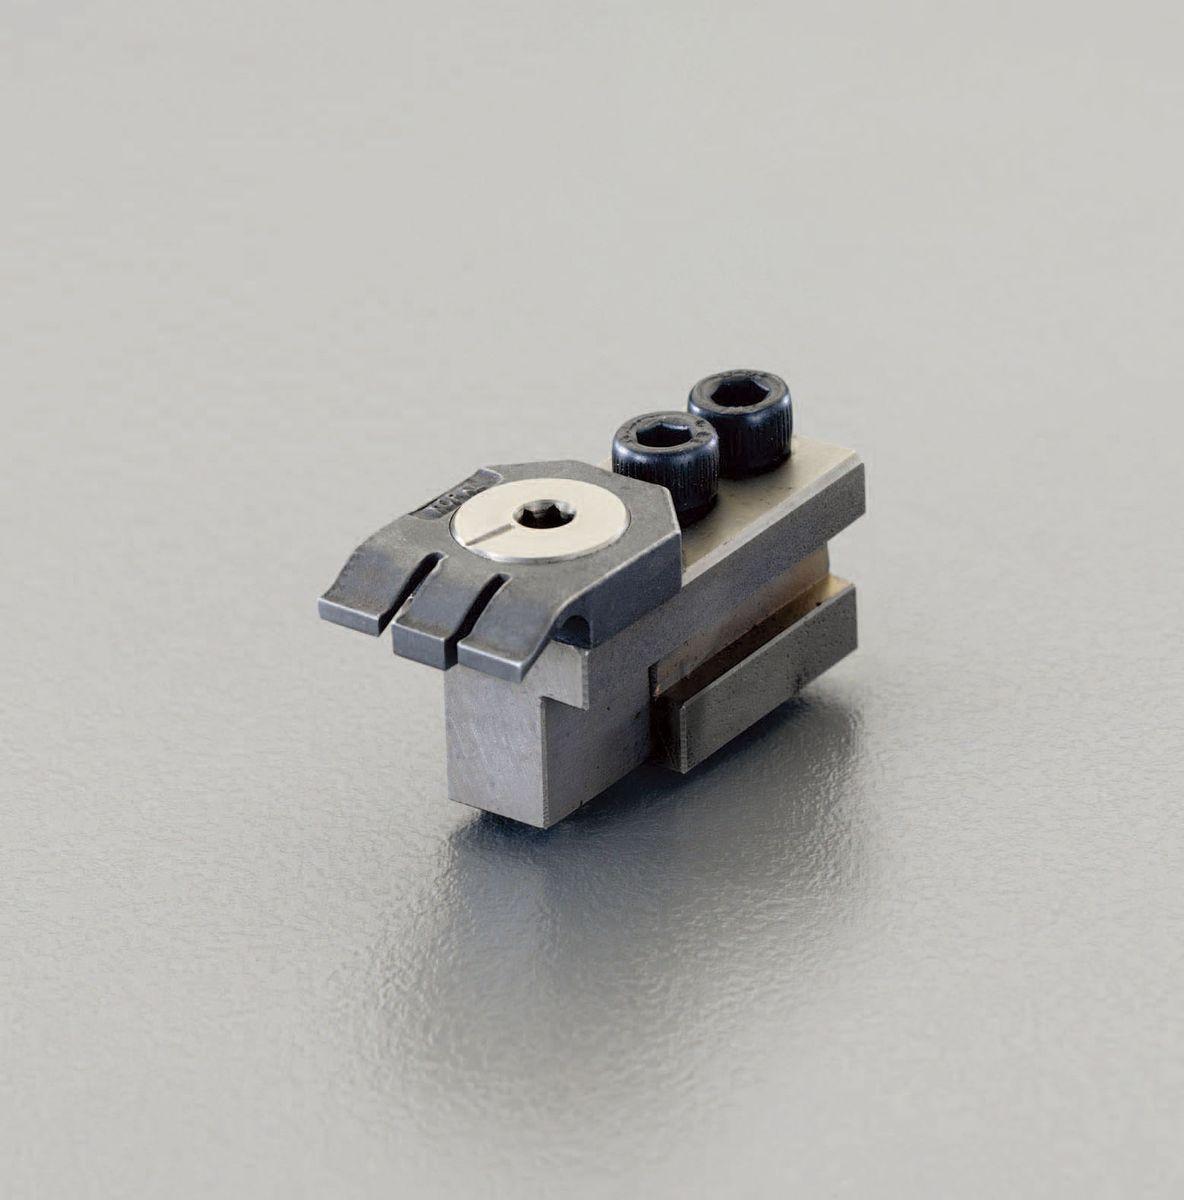 【メーカー在庫あり】 エスコ ESCO 呼14/52x22mm フラットクランプ 2個 000012210068 HD店